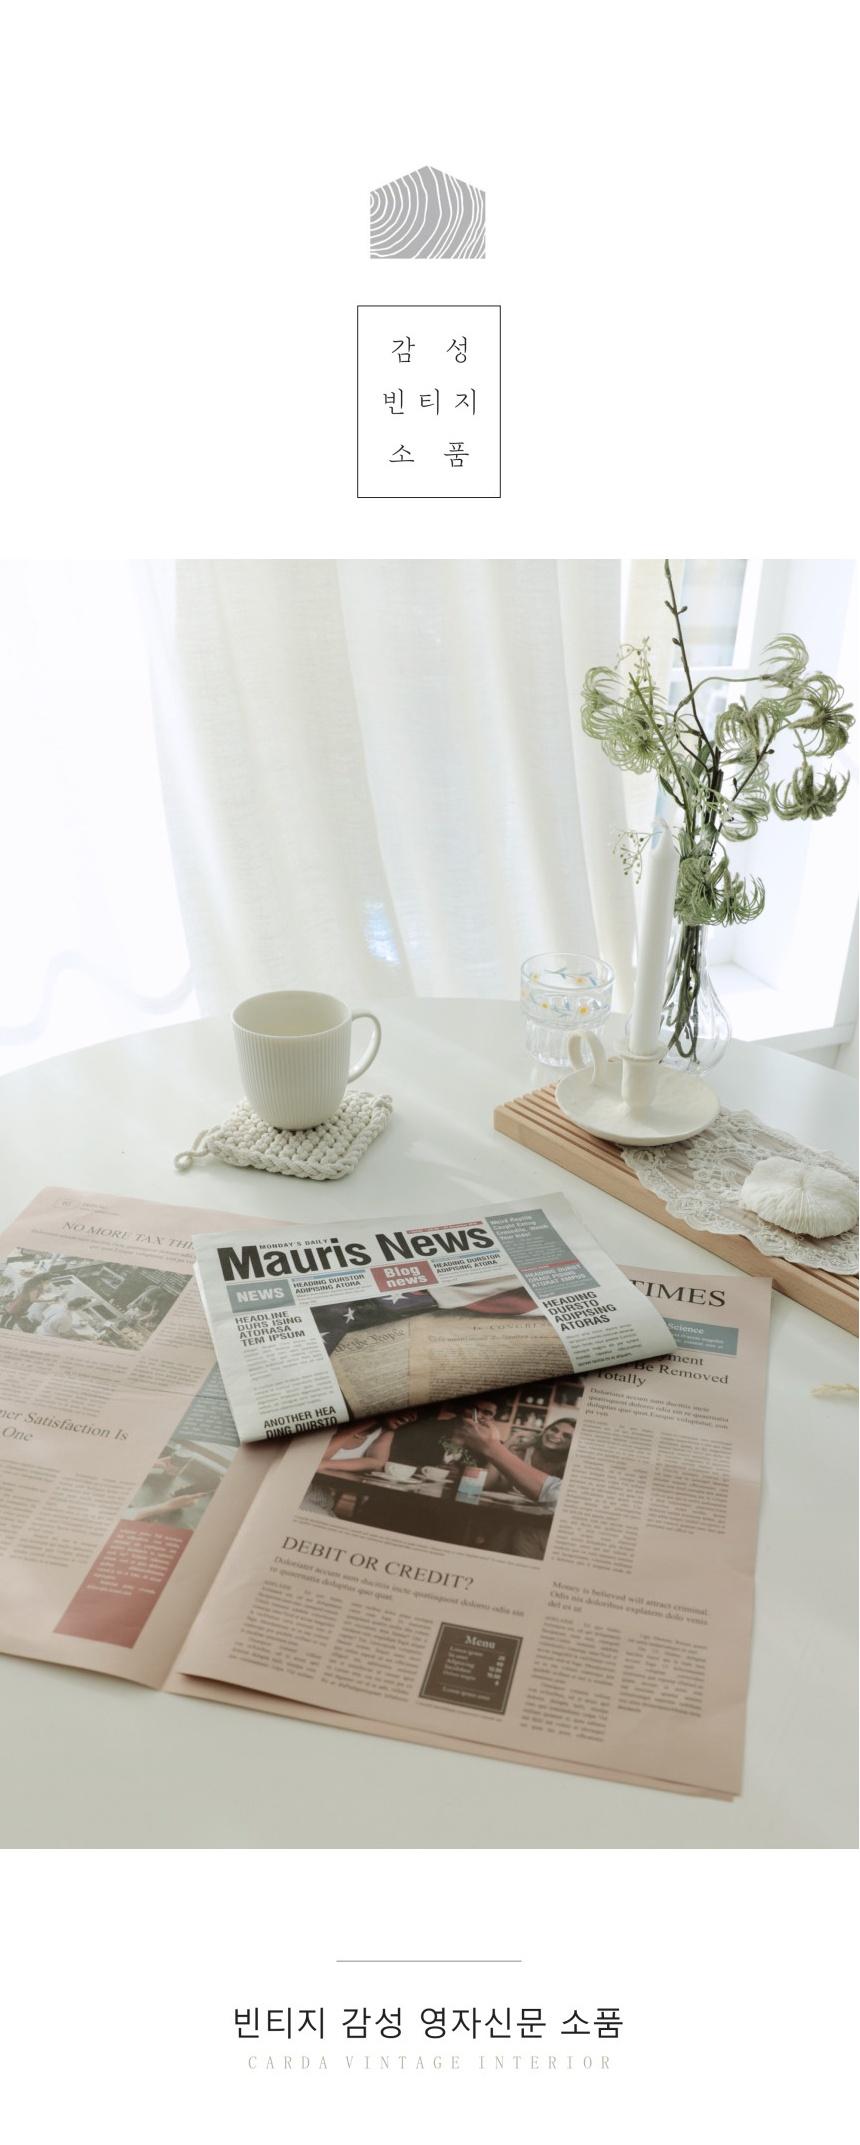 vintage_newspaper_01.jpg